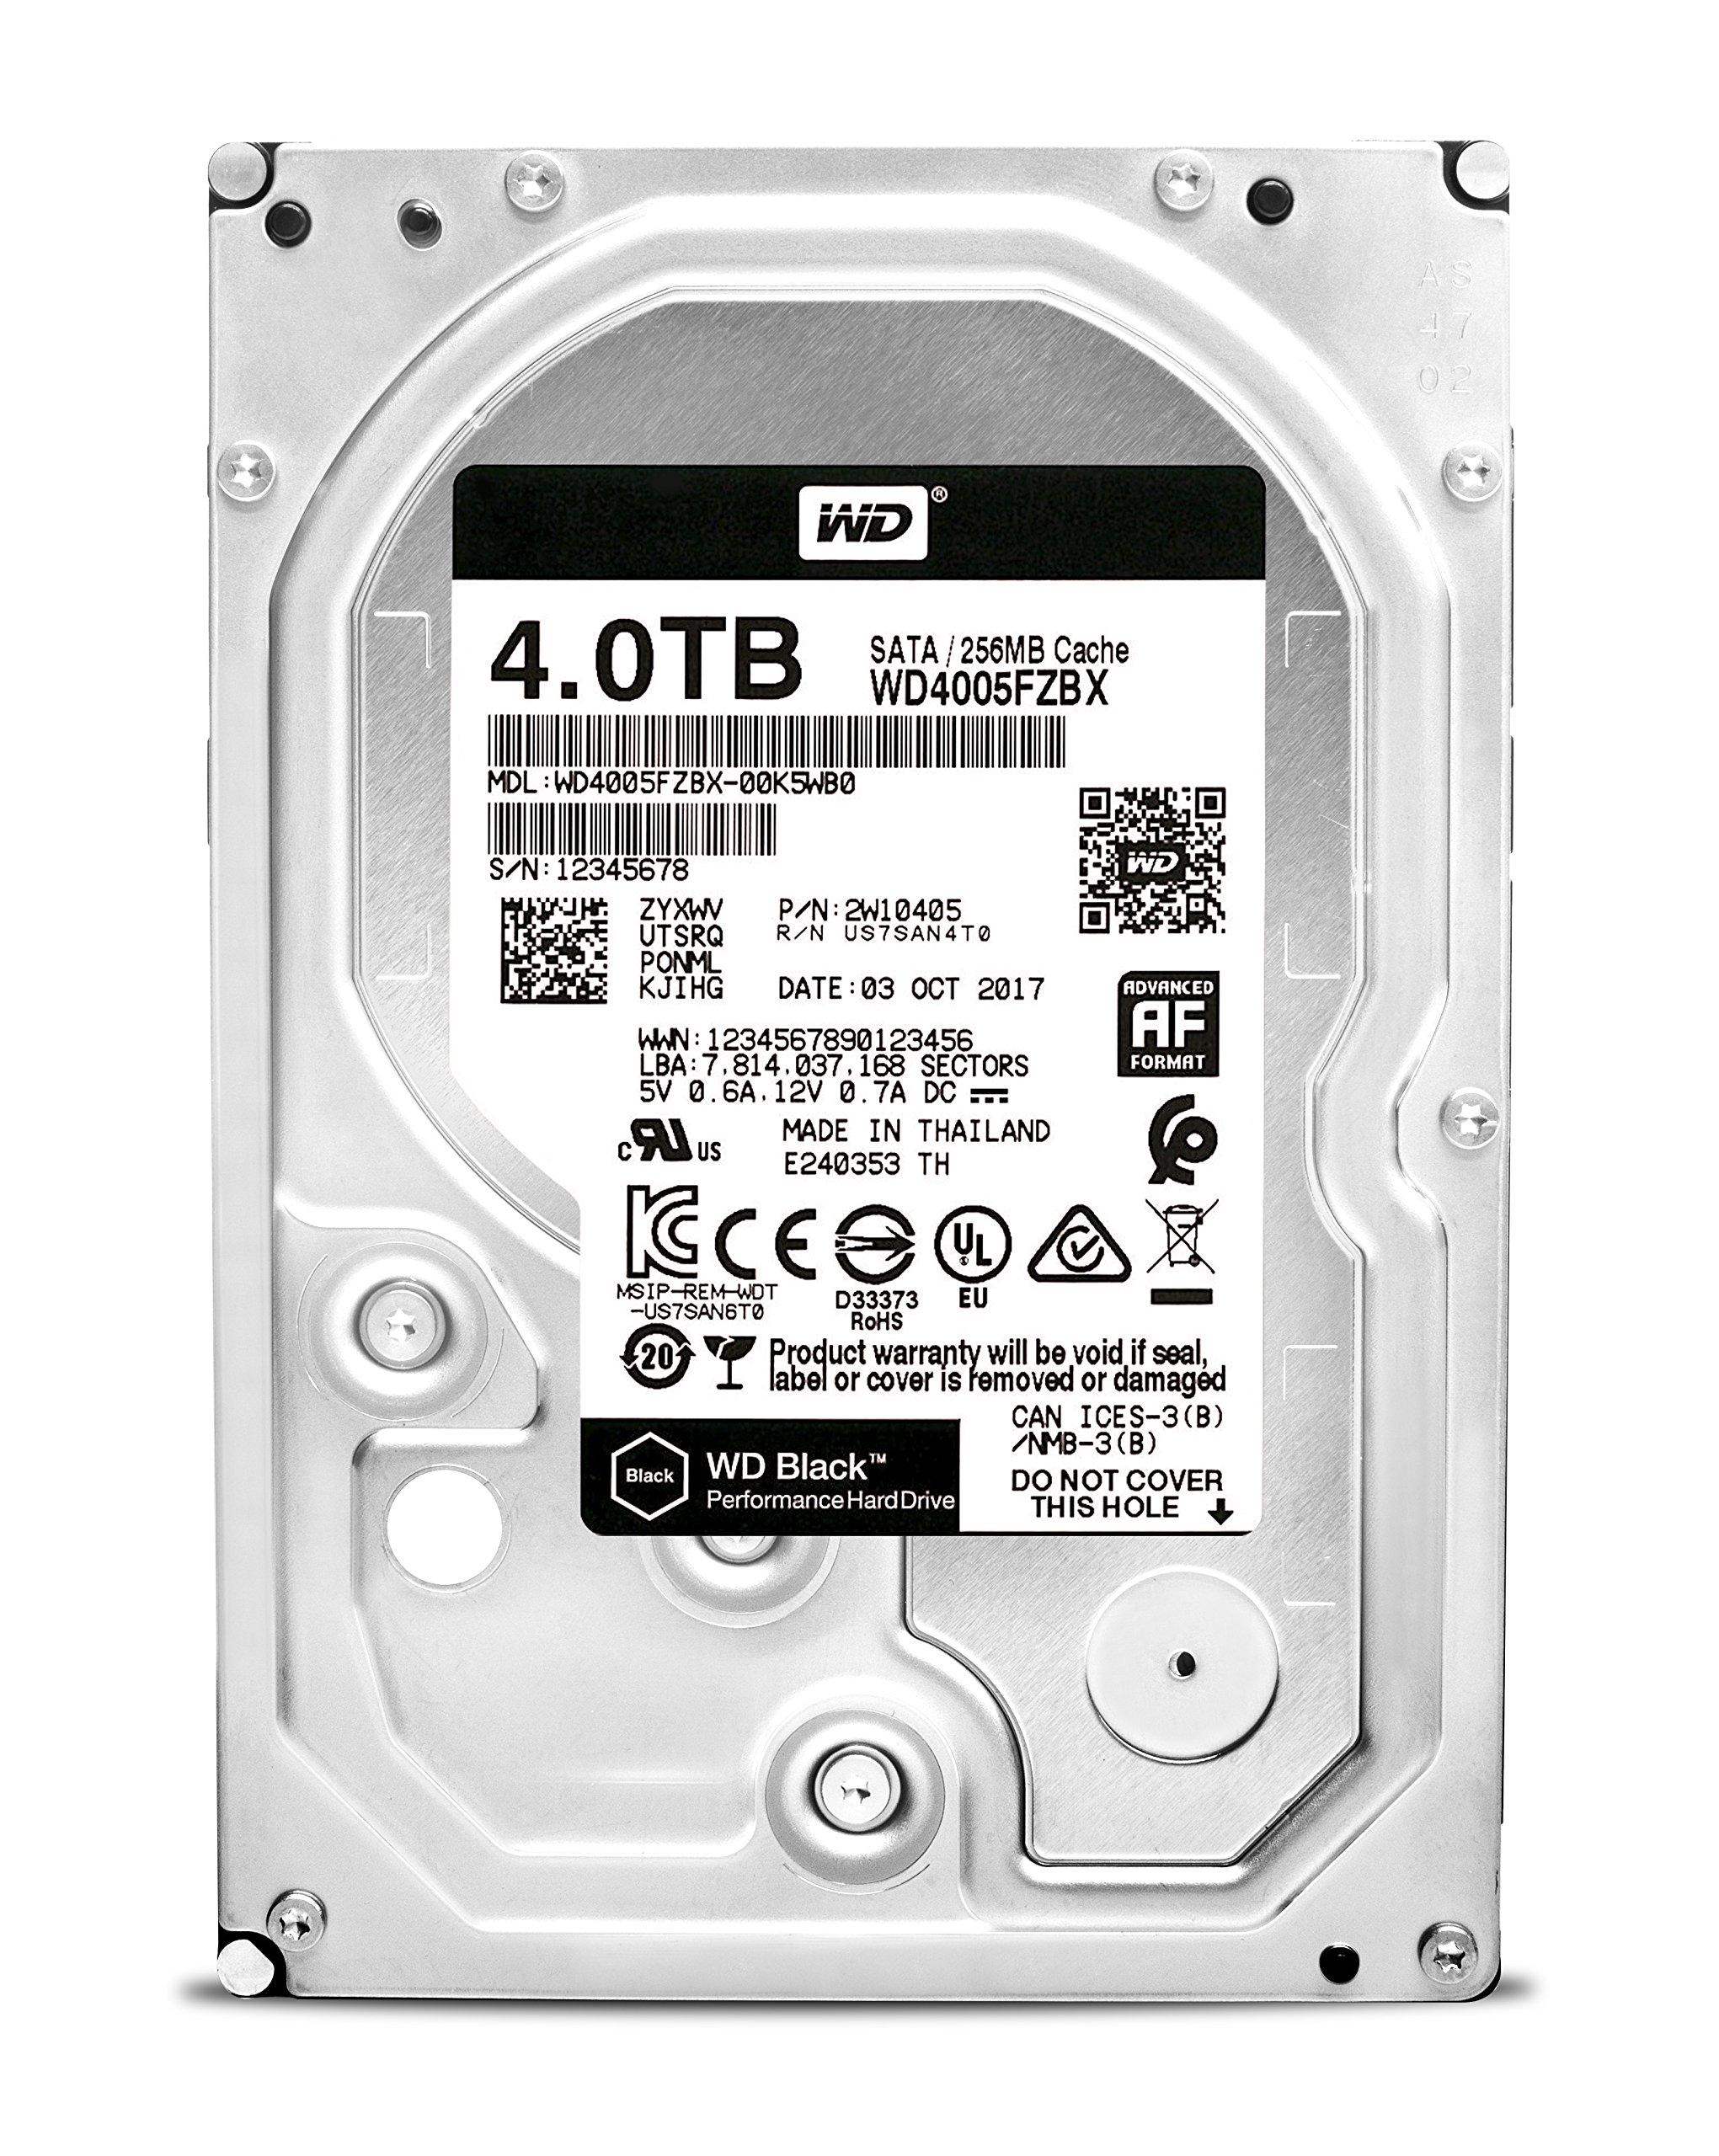 WD Black 4TB Performance Desktop Hard Drive - 7200 RPM SATA 6Gb/s 256MB Cache 3.5 Inch - WD4005FZBX